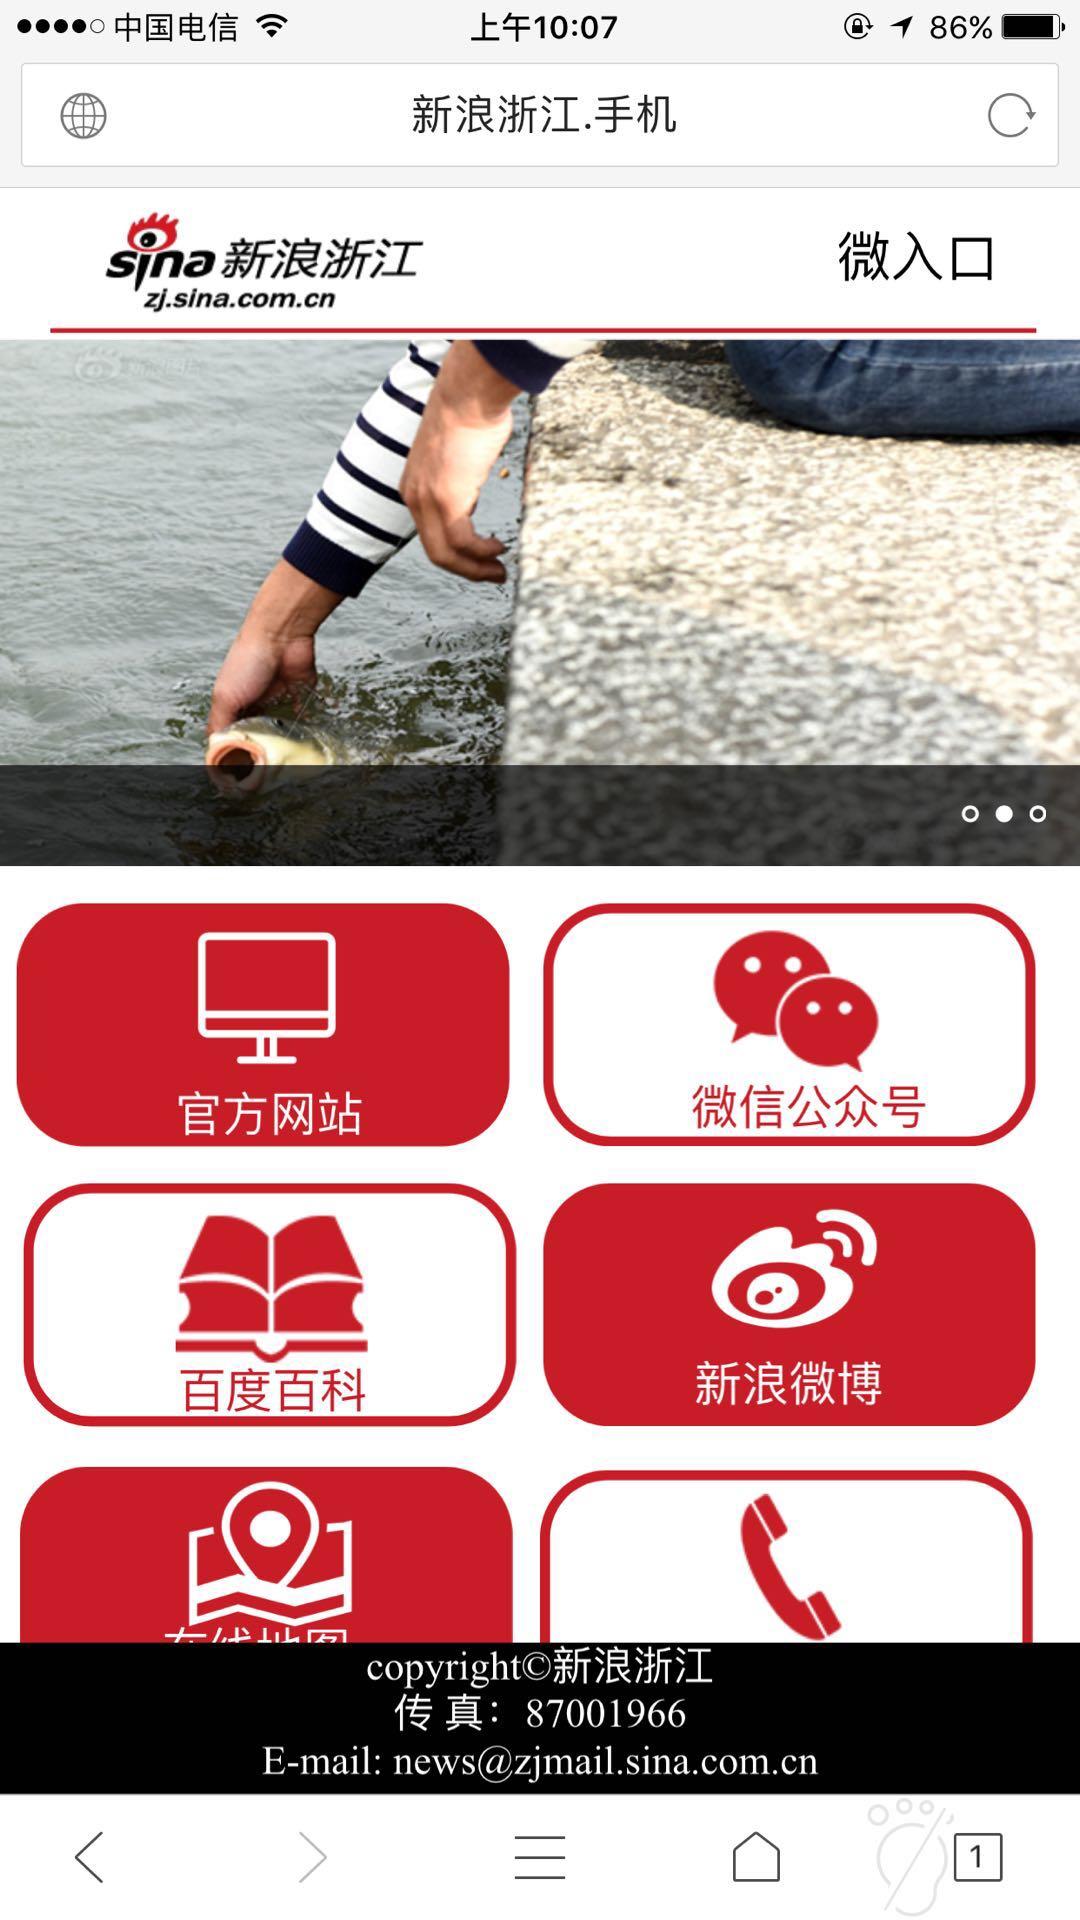 新浪浙江.手机